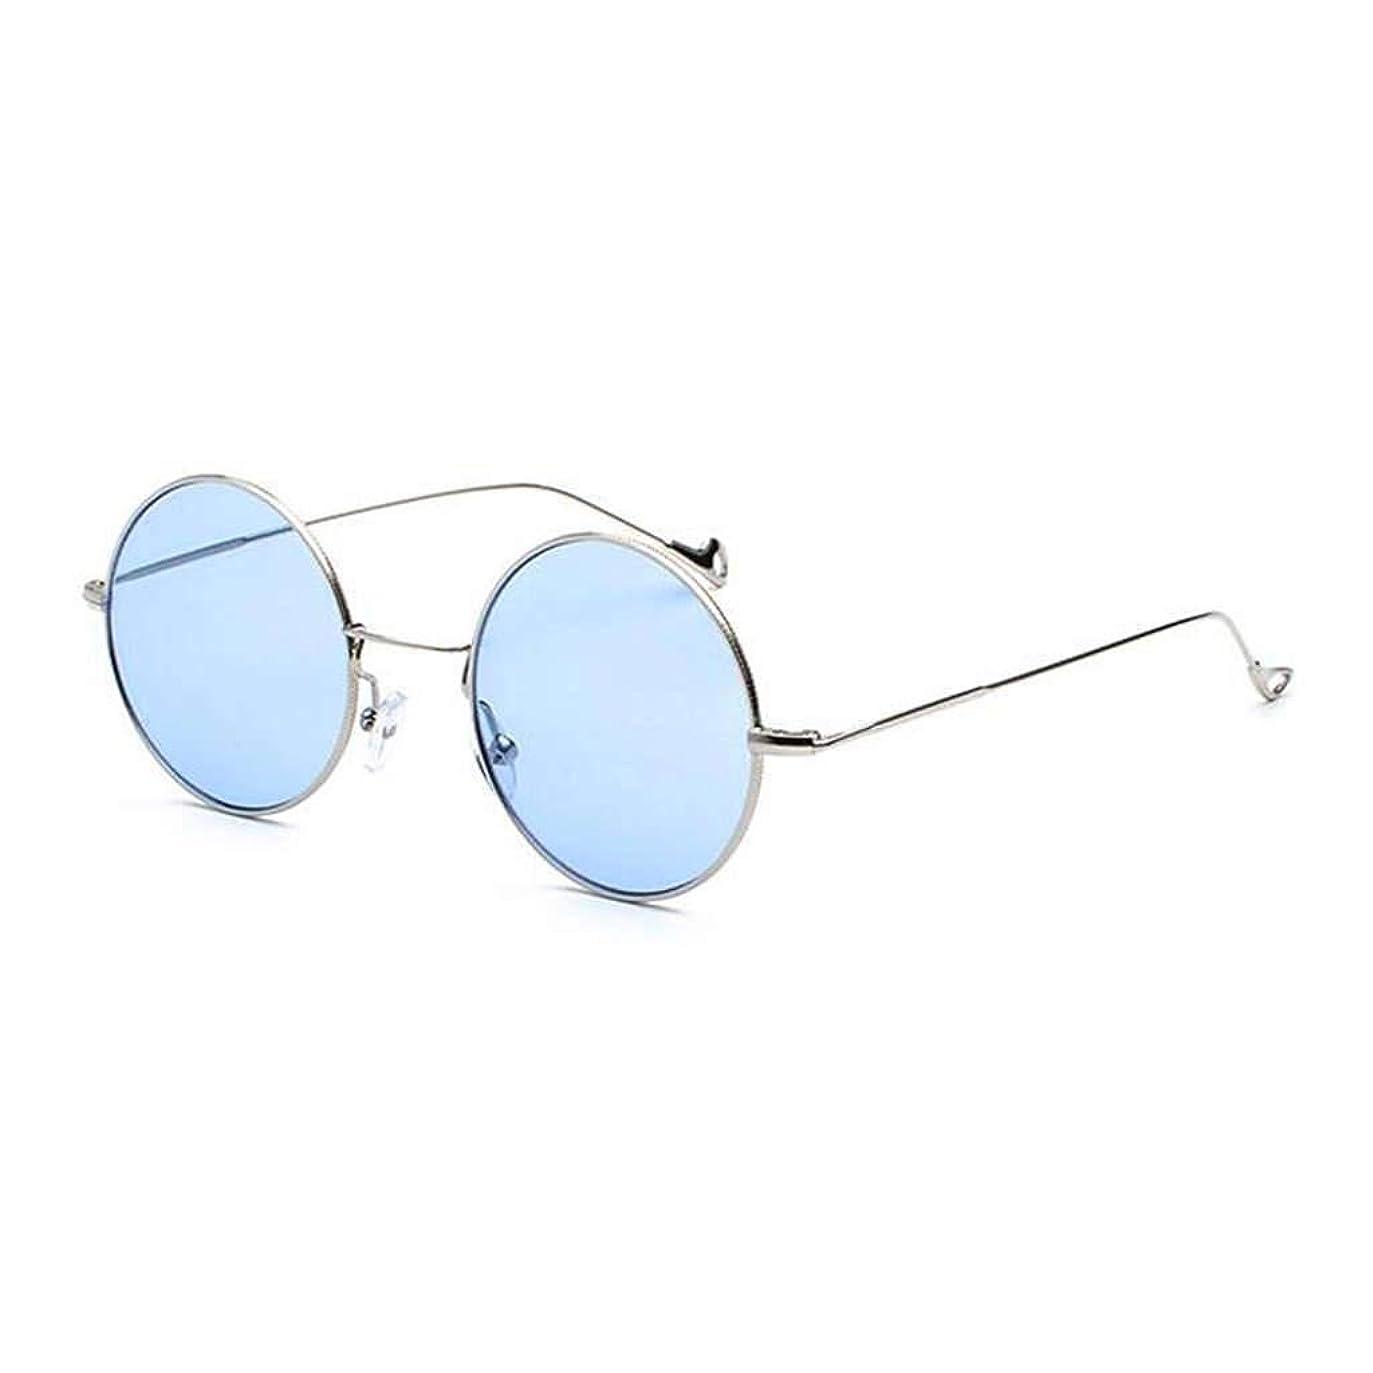 誘惑するショート無駄だアメリカ人レトロサングラス/円形偏光メンズレディースUVカットクラシックサングラスに適し運転釣りサイクリング